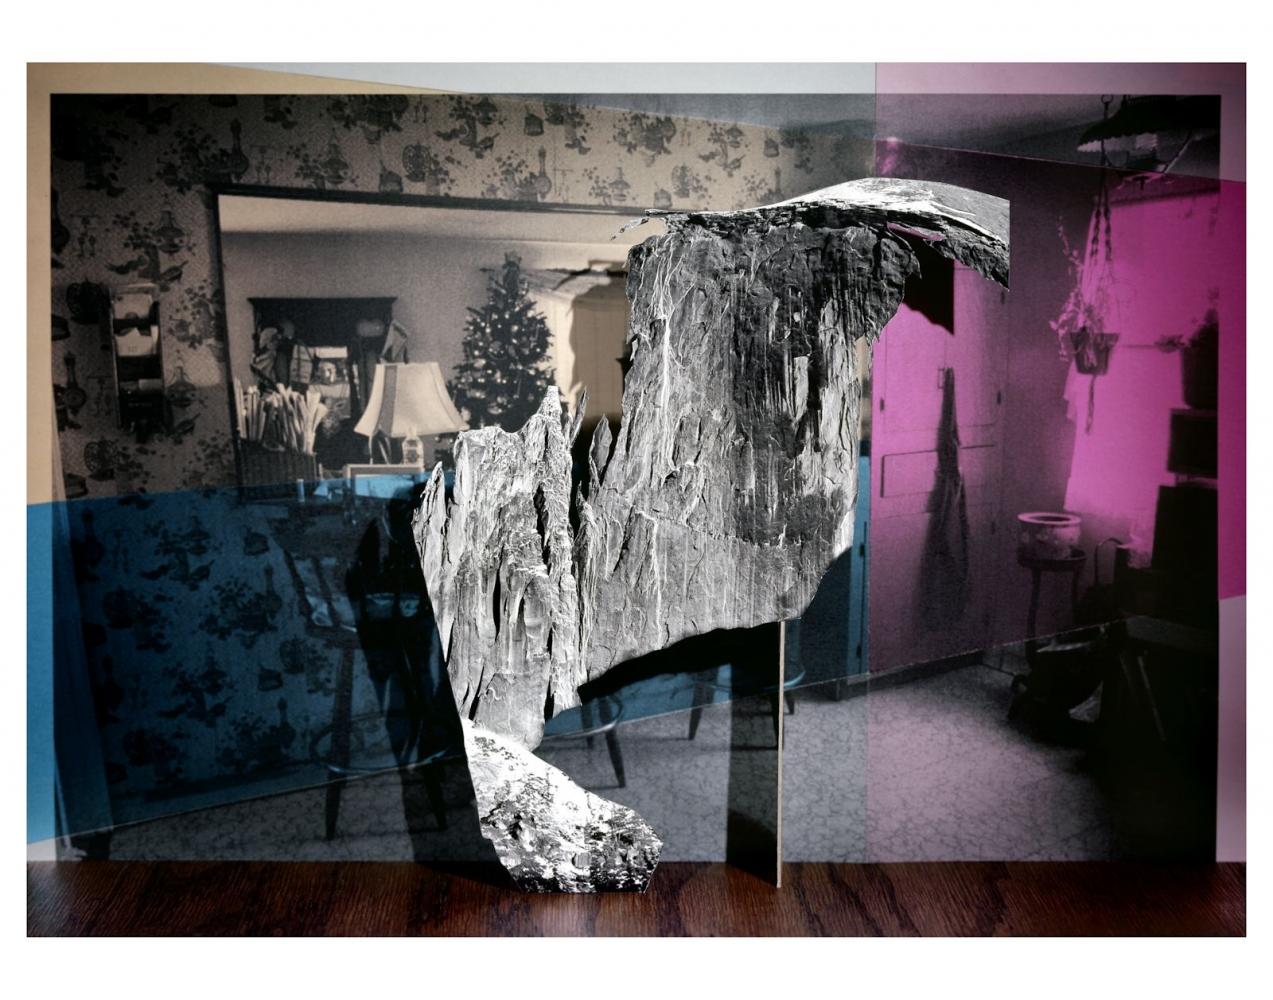 Untitled (Bar), 2008